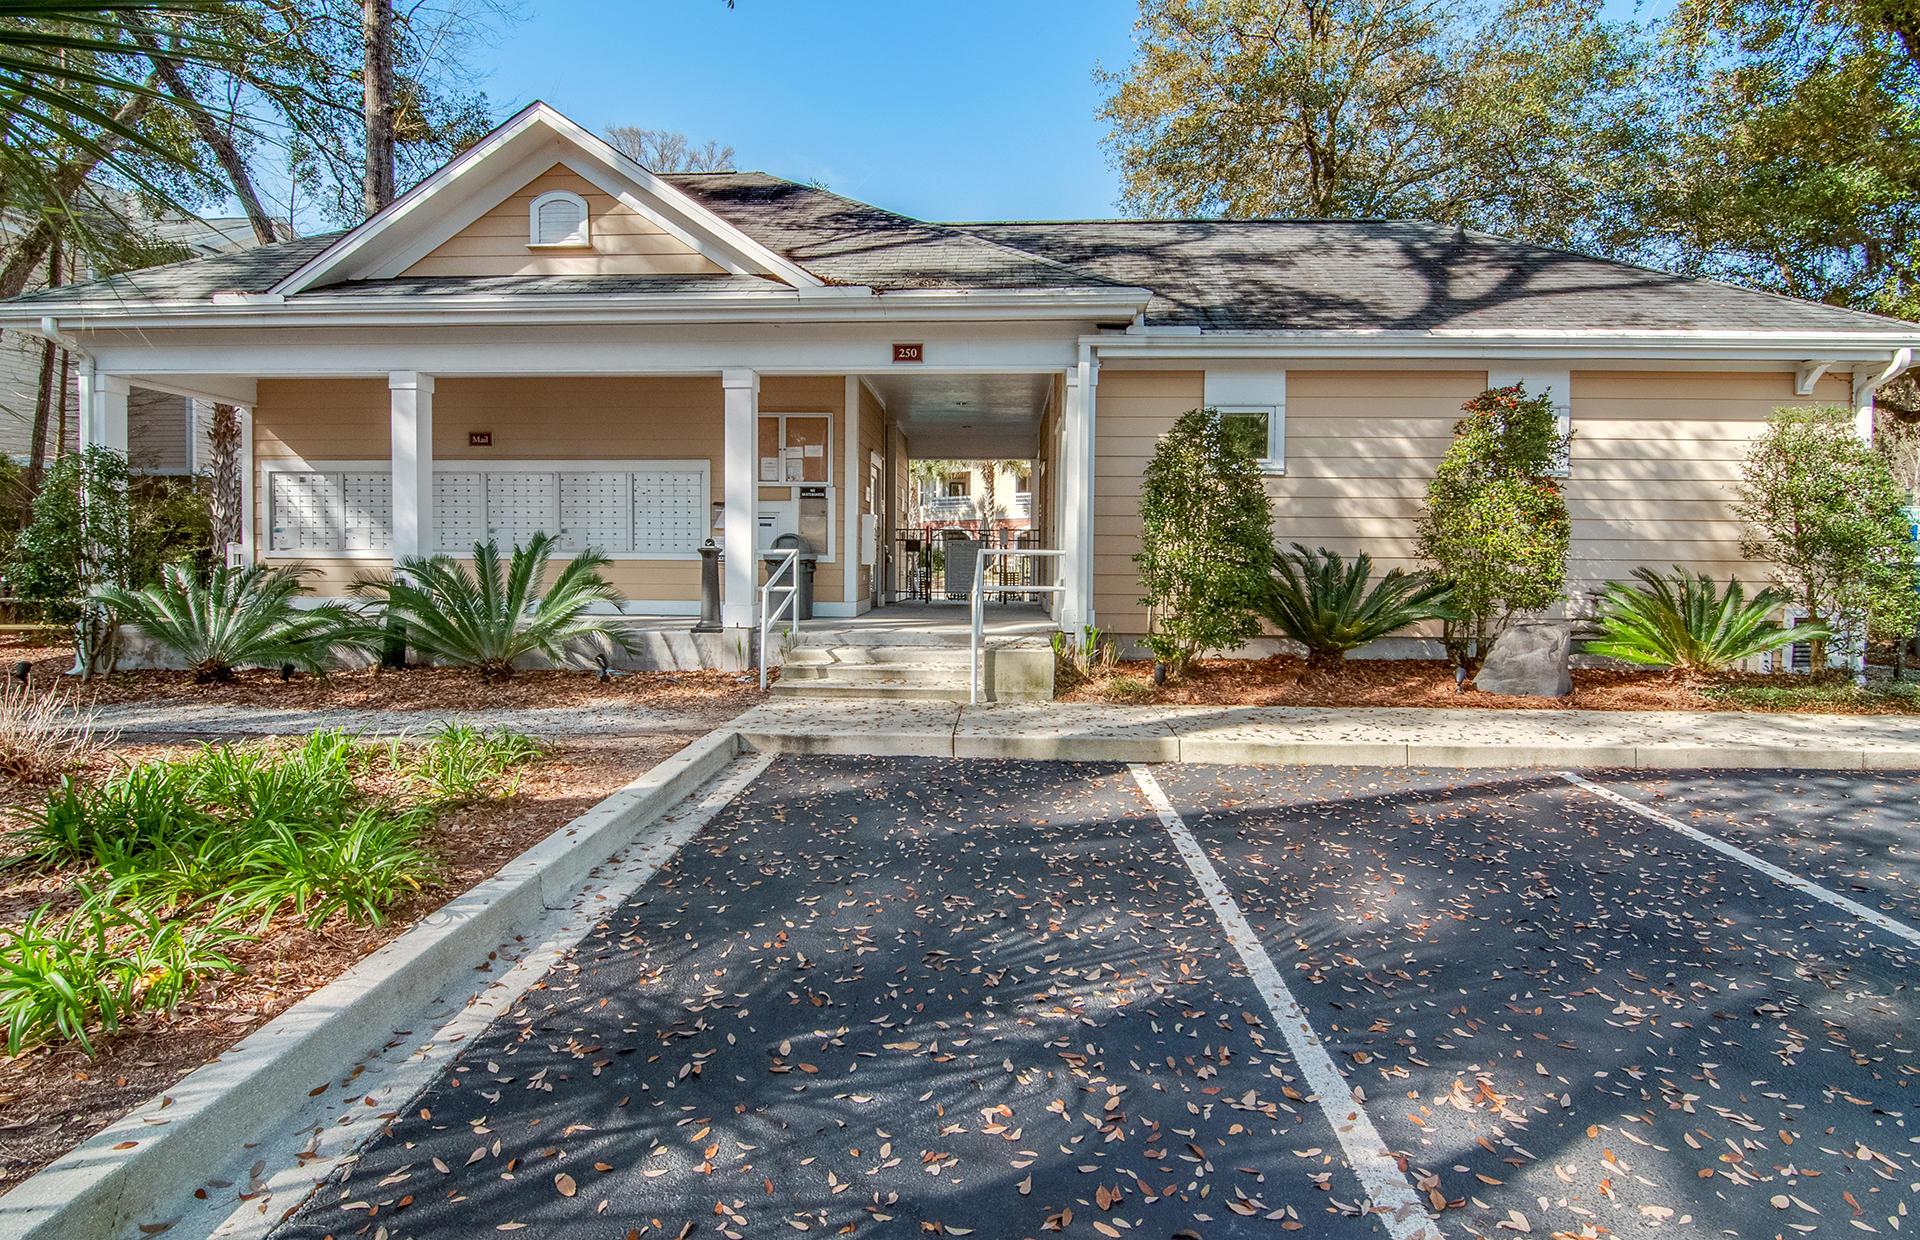 254 Seven Farms Drive Homes For Sale - 260 Seven Farms, Charleston, SC - 31